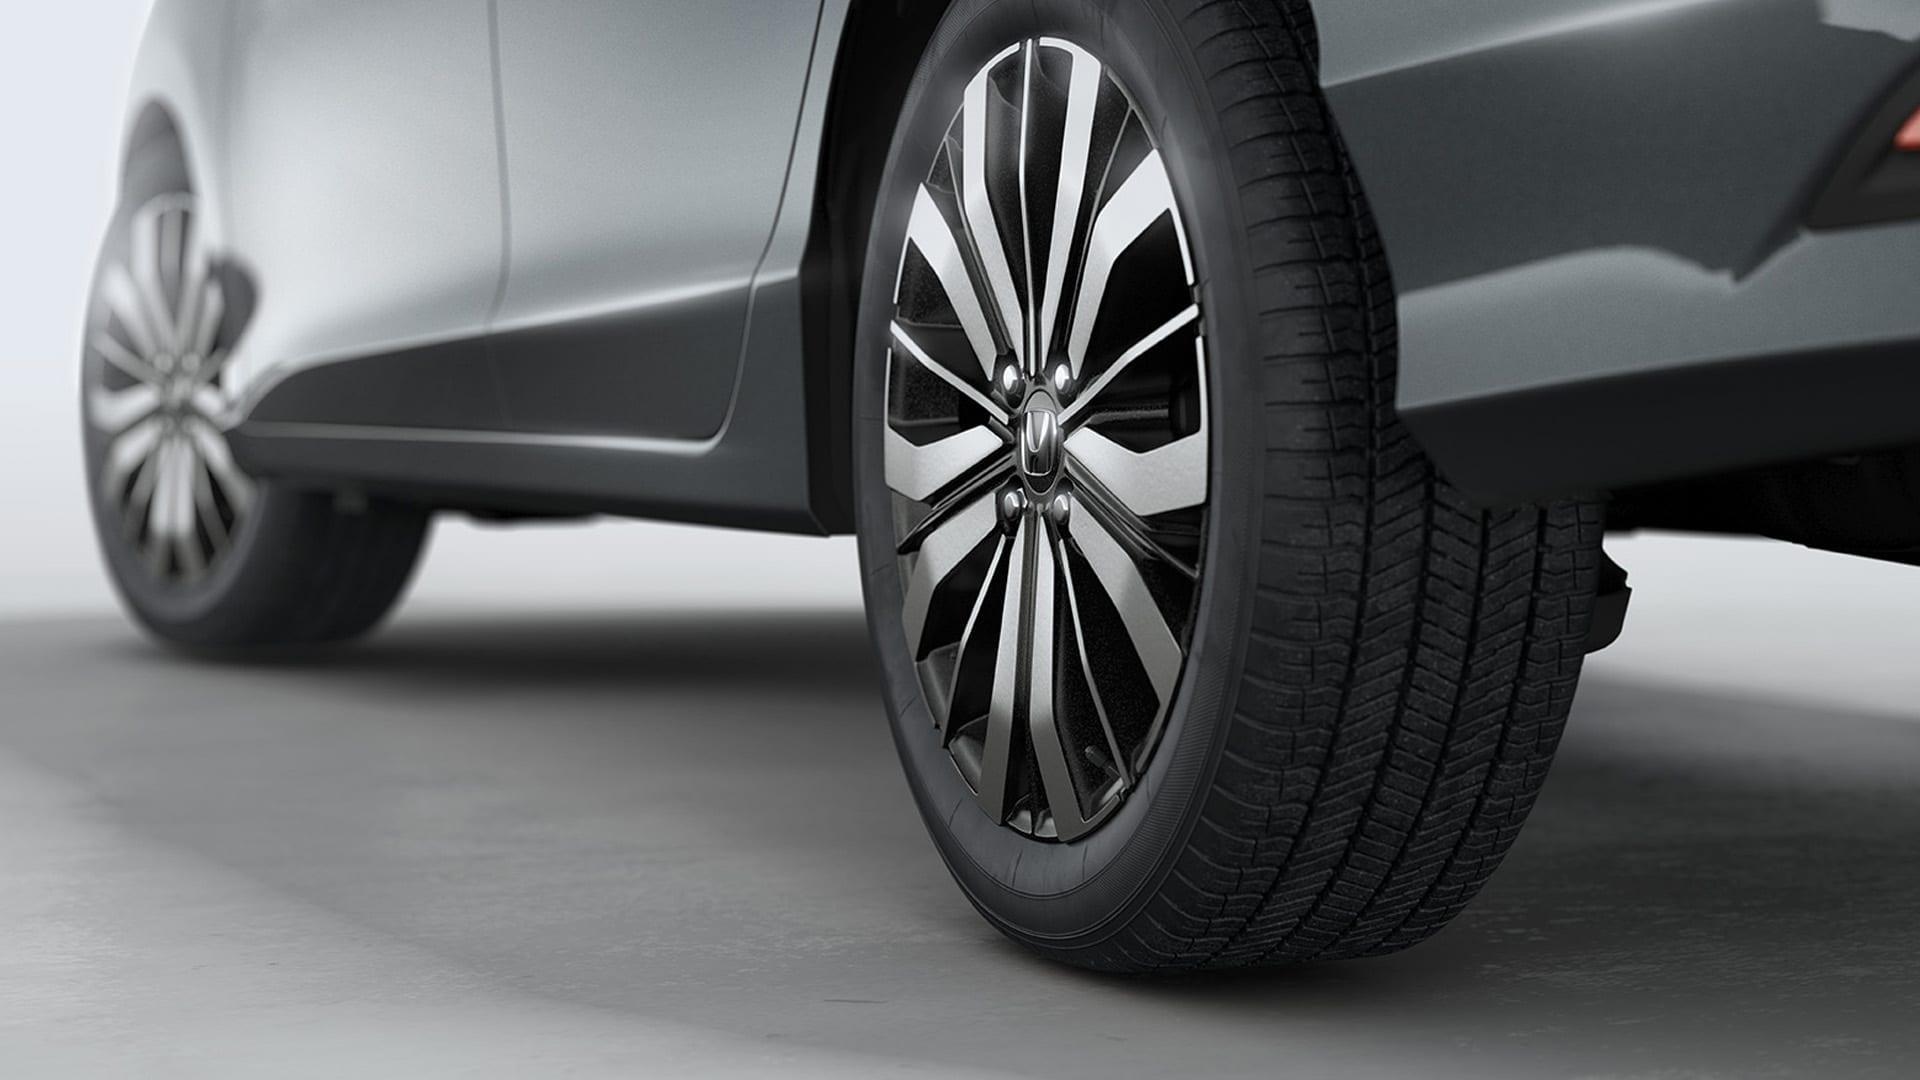 Honda Shori City Novas rodas em liga leve aro 16